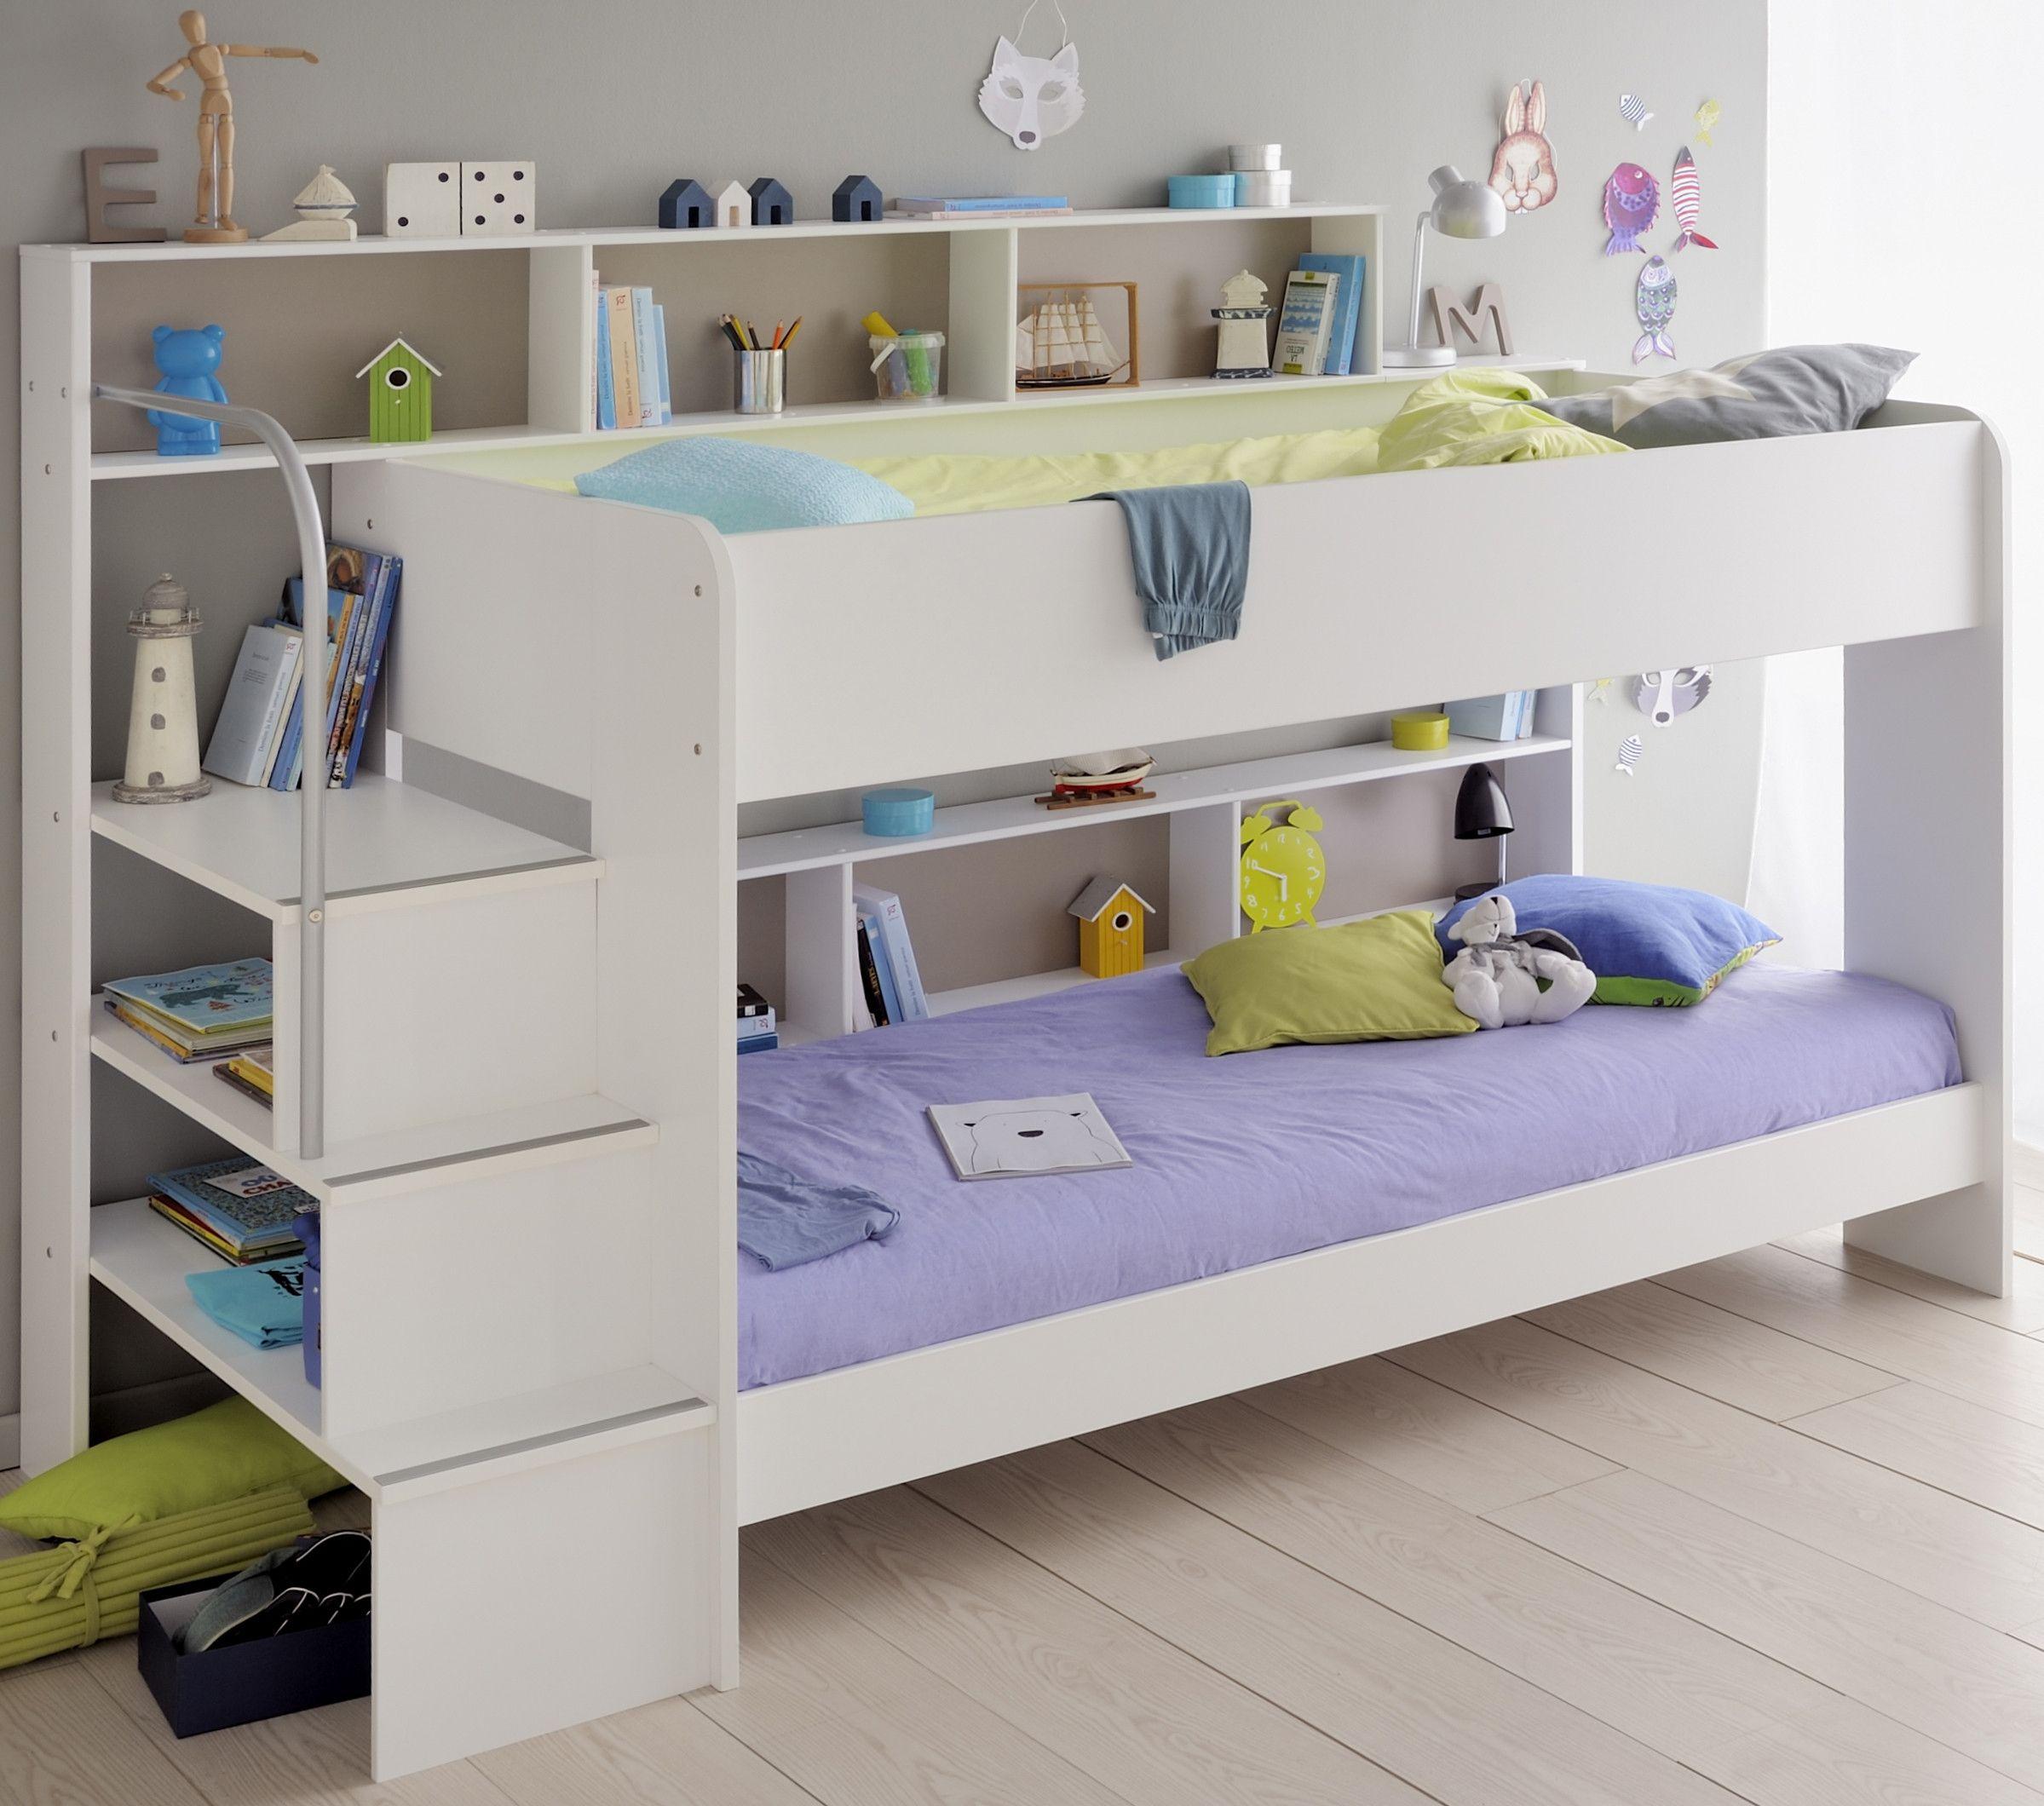 Kinderbett mitwachsend  Etagenbett Kinderbett Rose Hochglanz Rosa-Weiß mit seitlicher ...